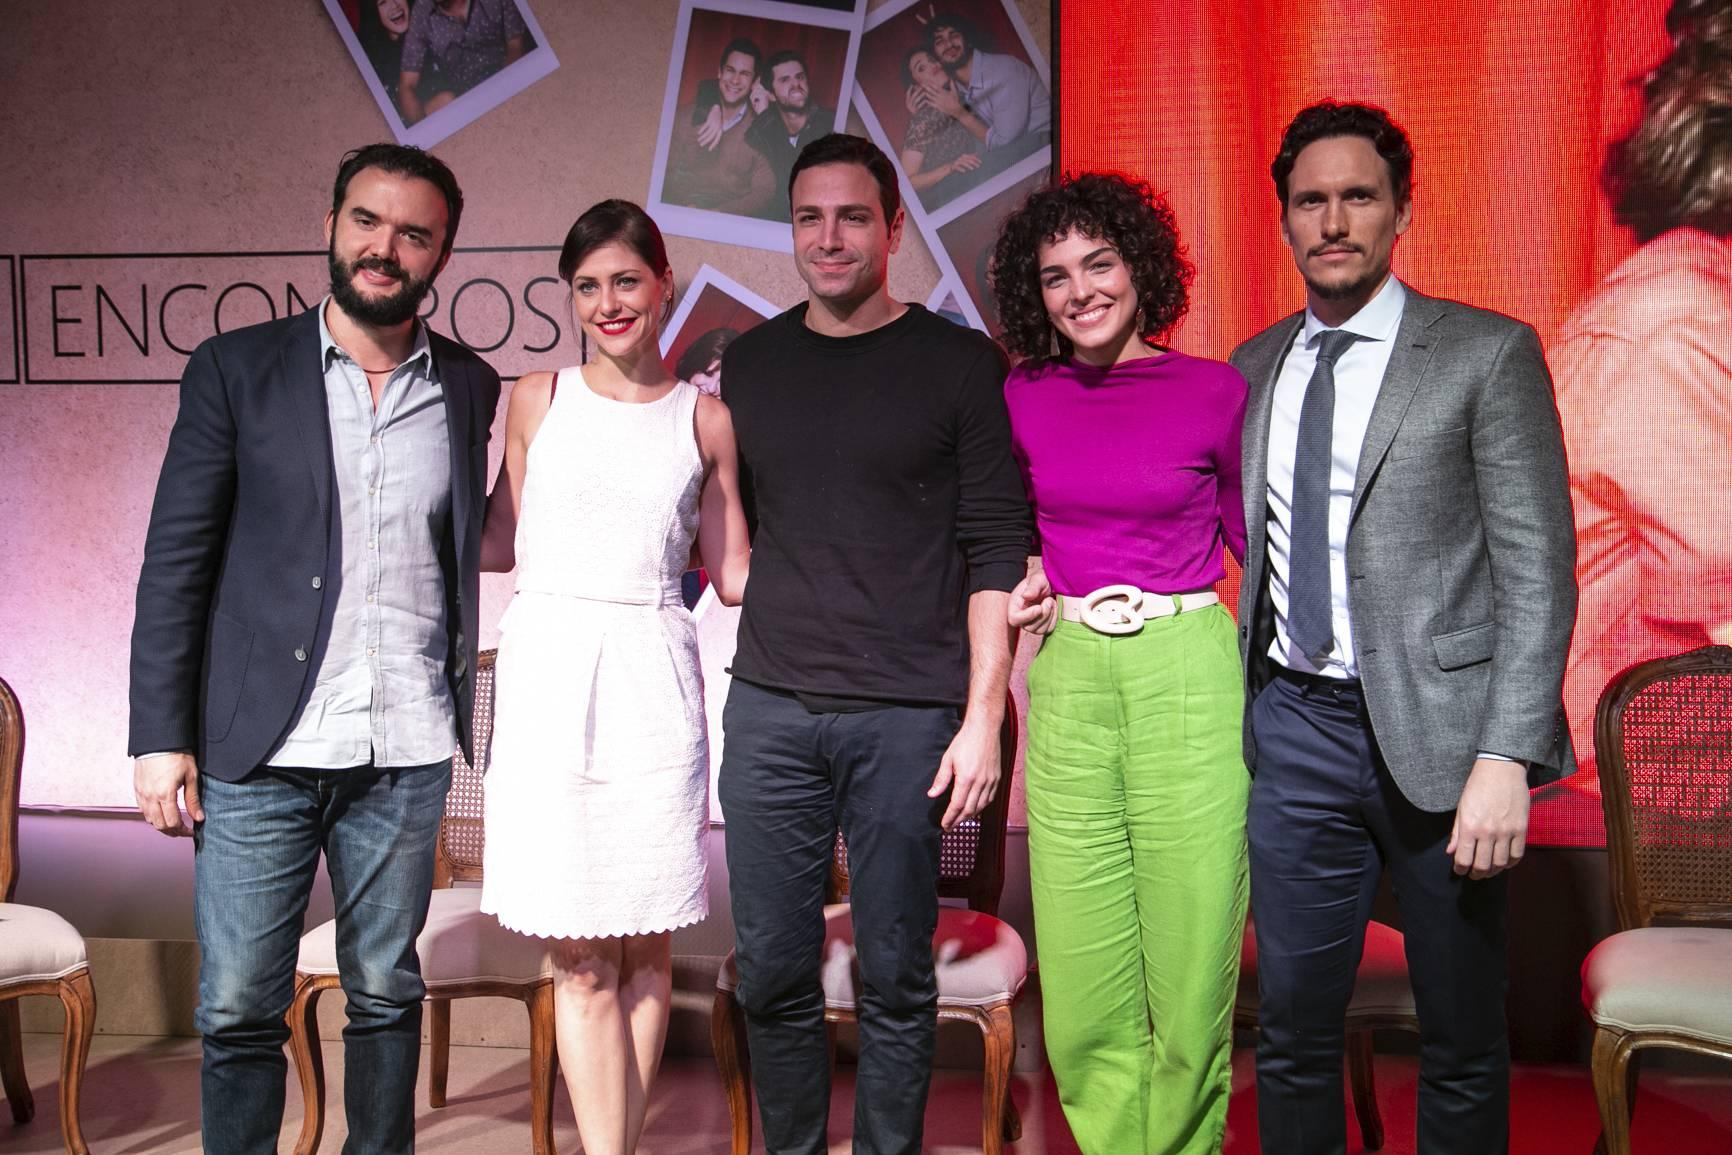 www.juicysantos.com.br - elenco desencontros segunda temporada